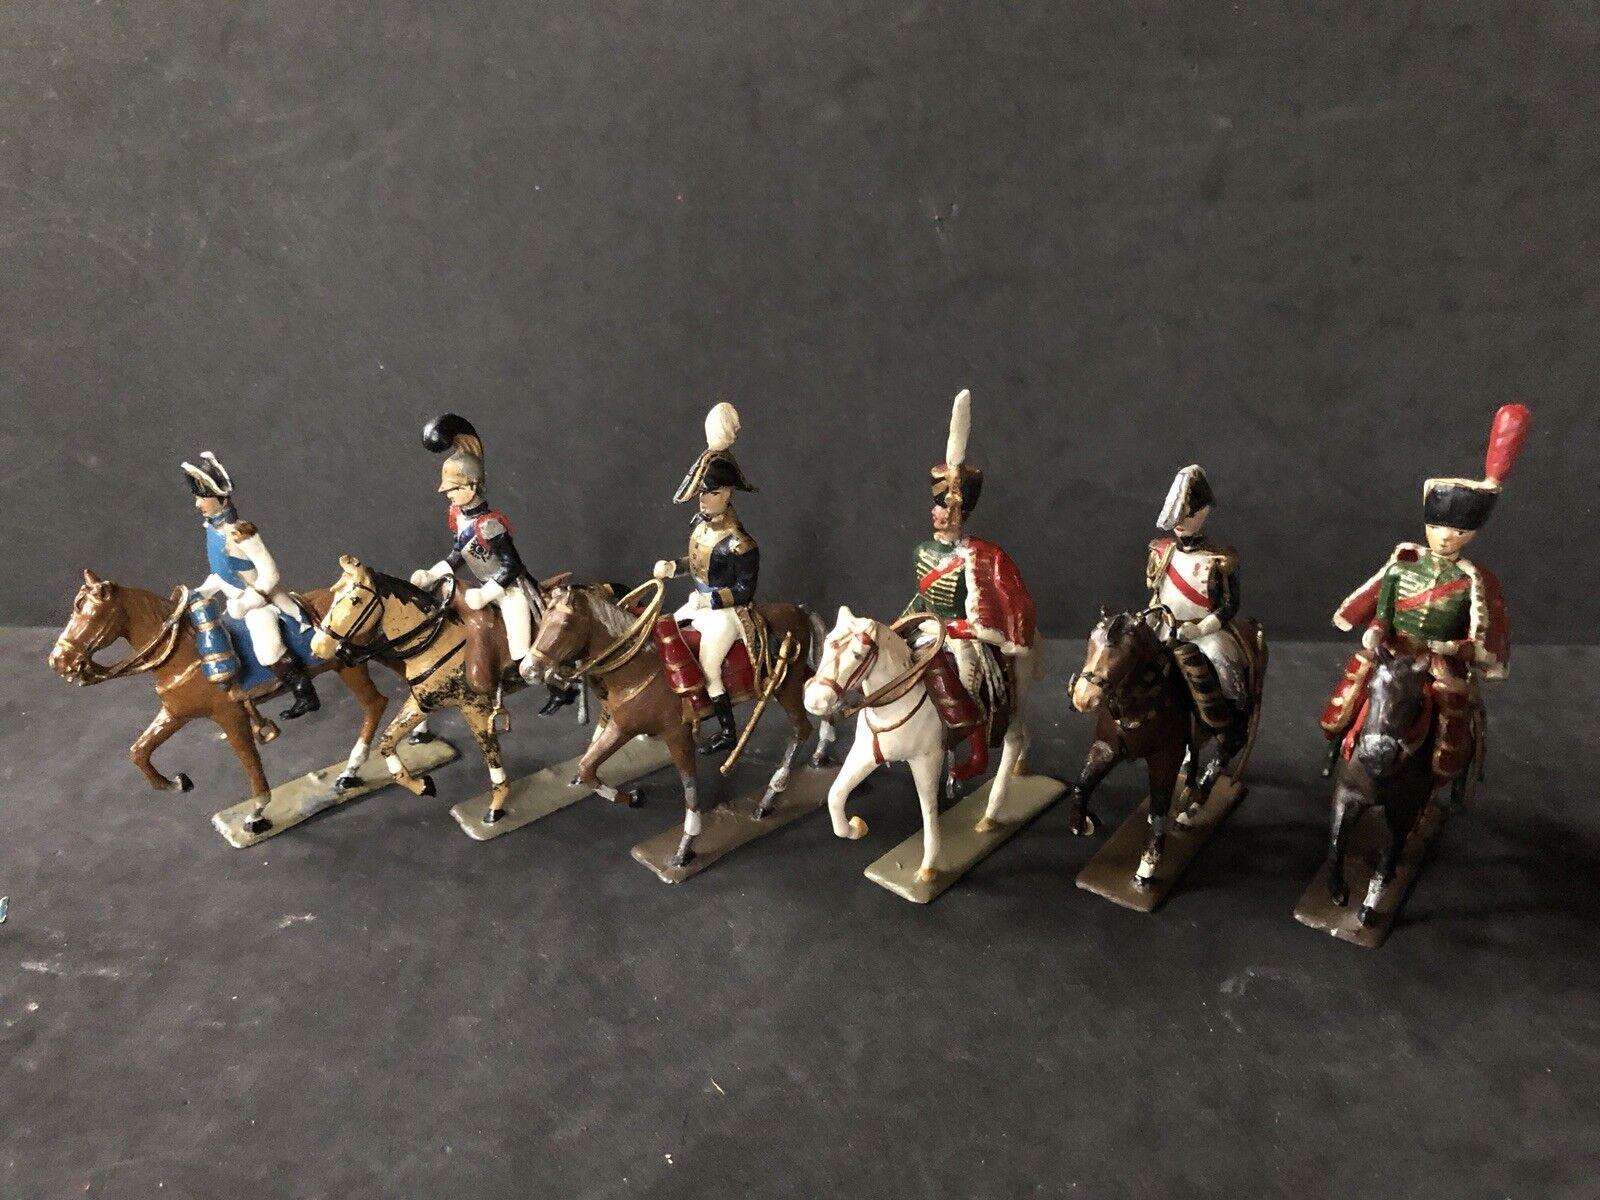 Lucotte-Etat principales un Cheval. Circa 1920 y muy raras figuras de plomo de 54mm.